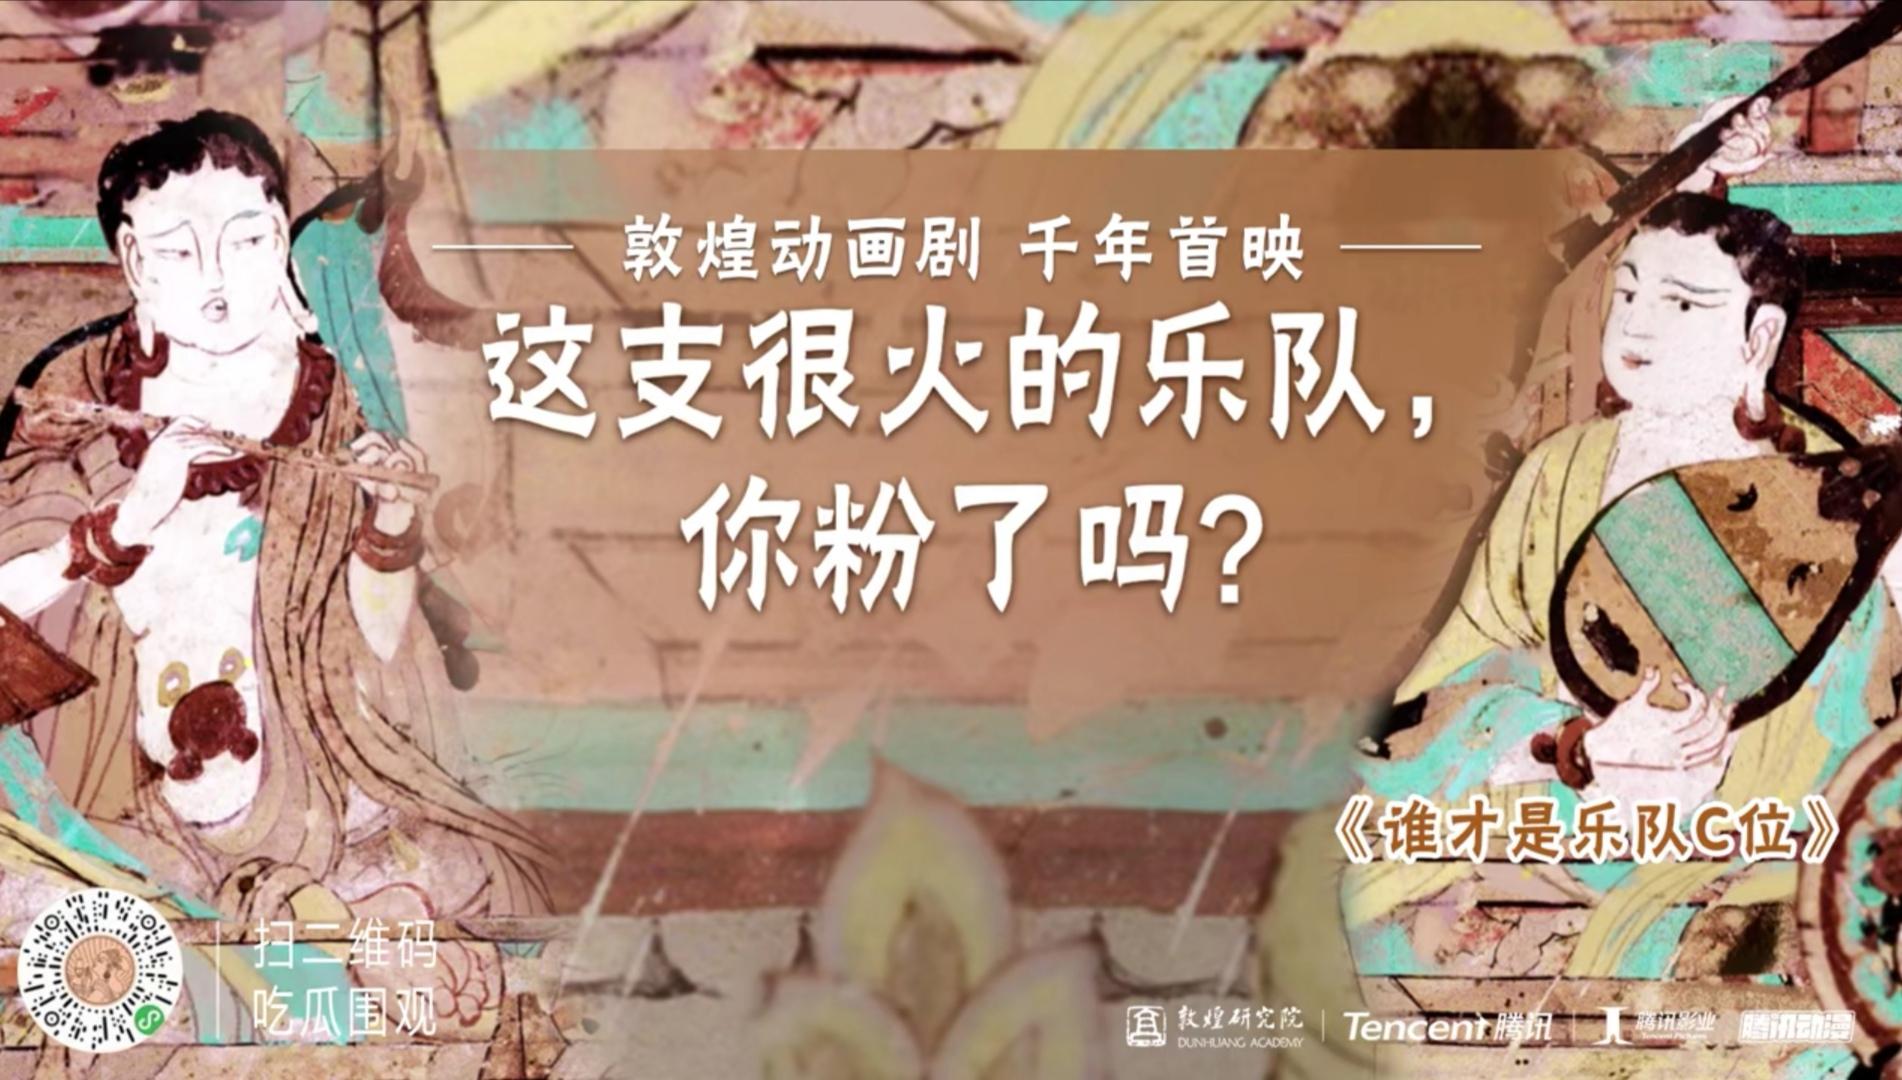 """几分钟看懂敦煌壁画,""""云游敦煌""""小程序又上新了动画短剧"""